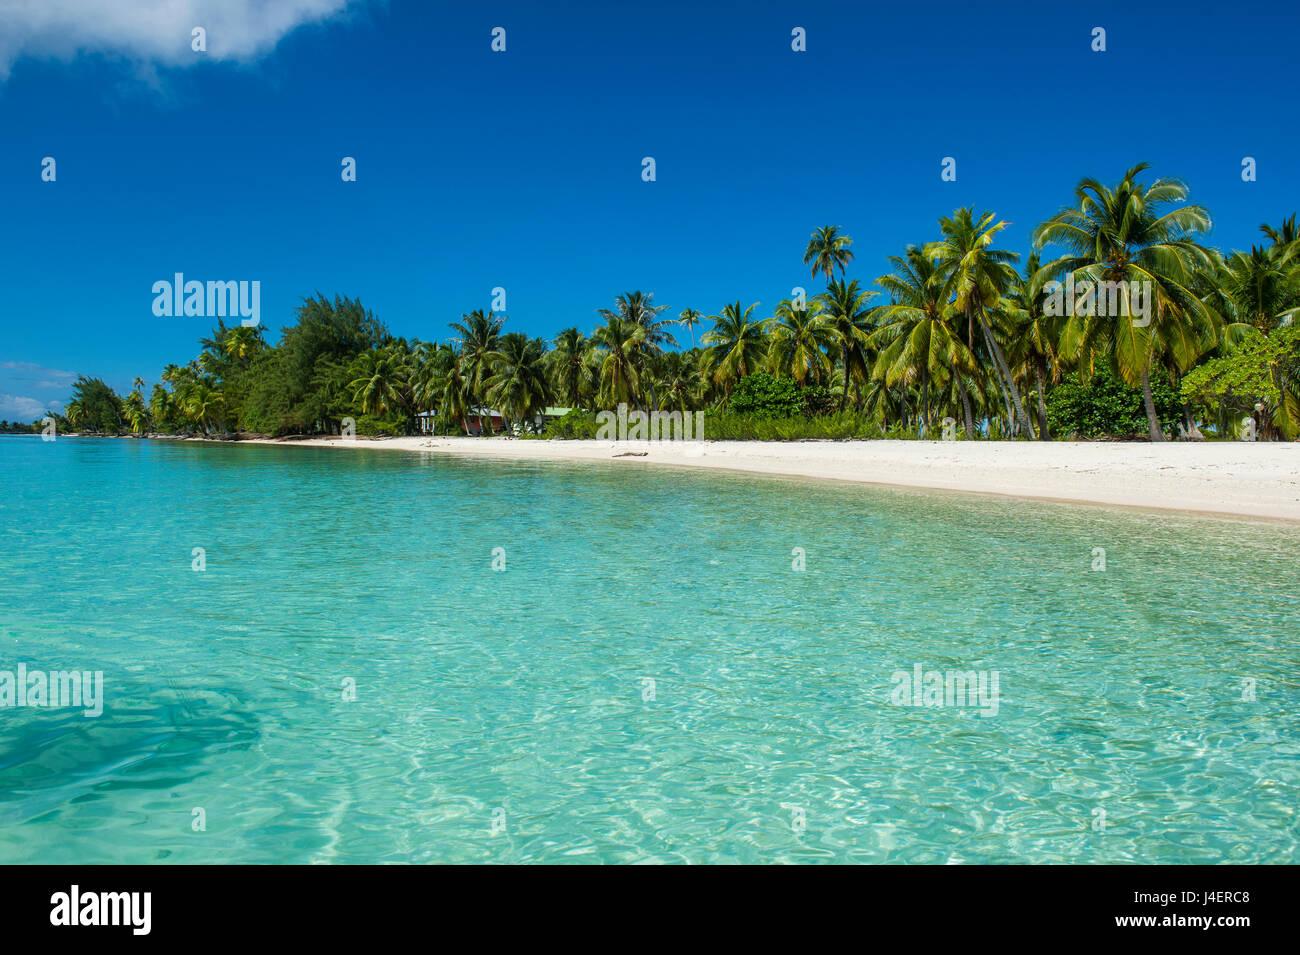 Belle plage de sable blanc bordée de cocotiers dans les eaux turquoises de Tikehau, Tuamotu, Polynésie Photo Stock